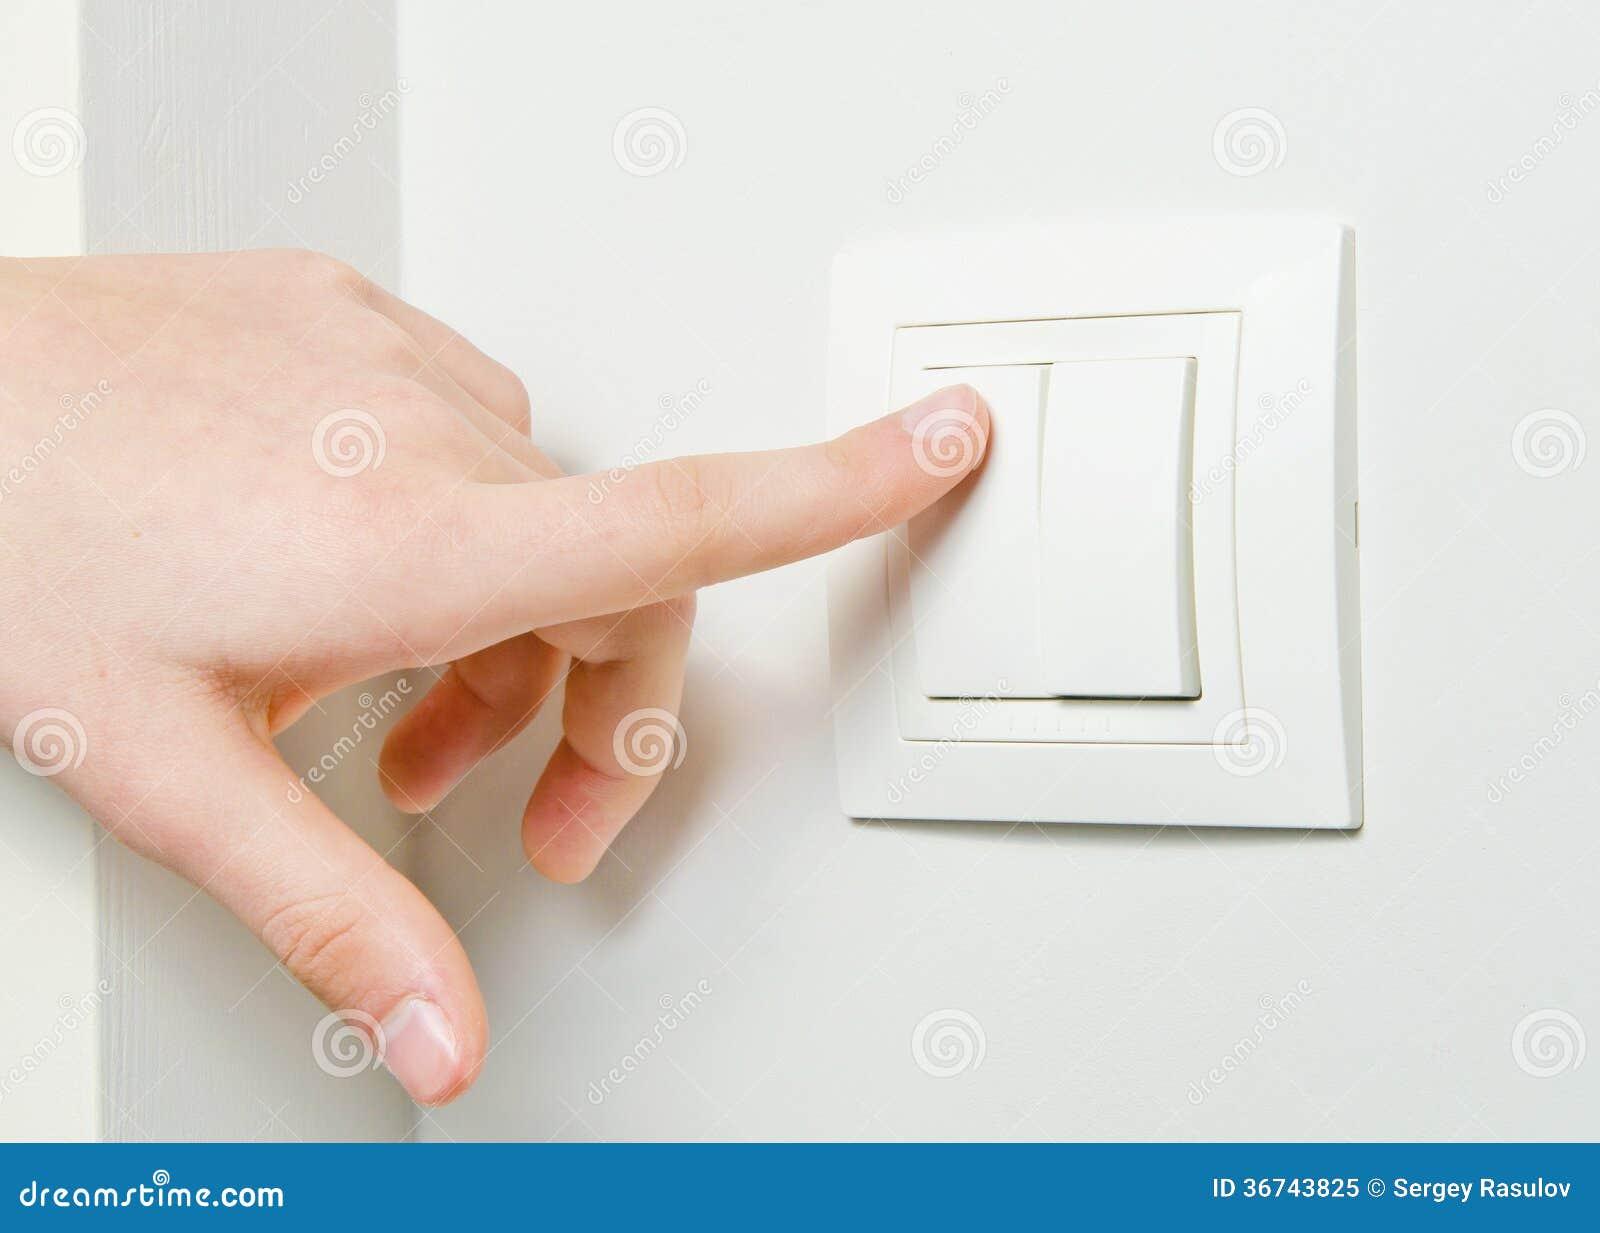 Schalten Sie Licht aus stockbild. Bild von erhaltung - 36743825